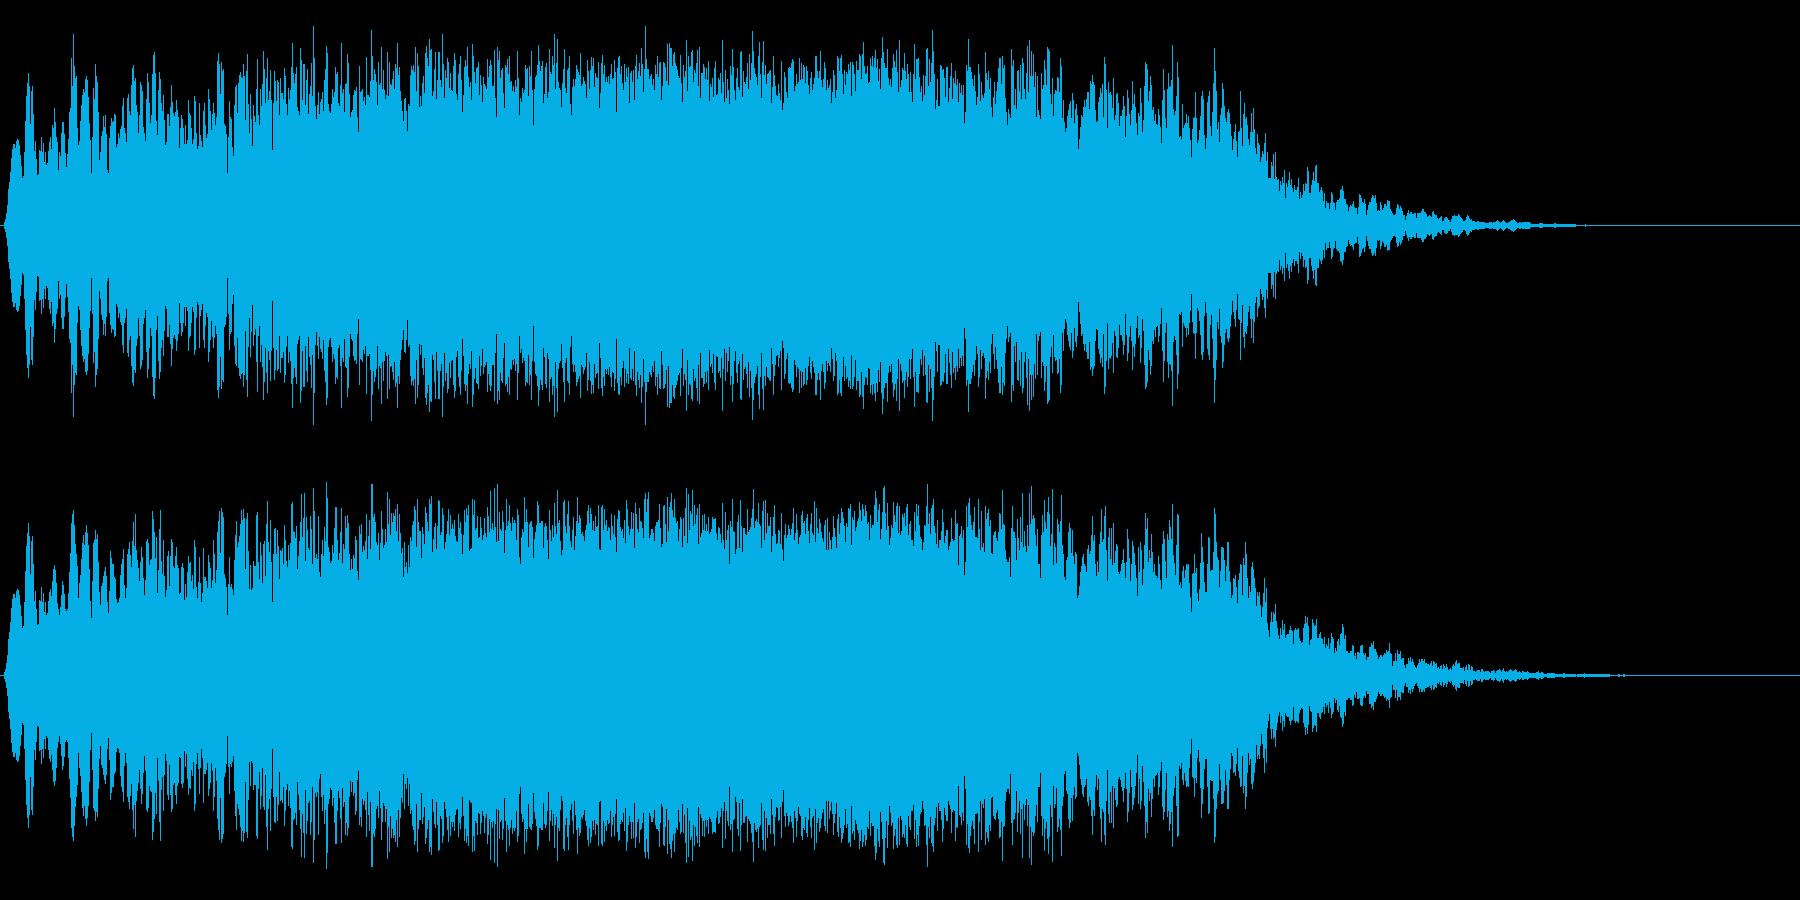 宇宙船のワープ音の再生済みの波形